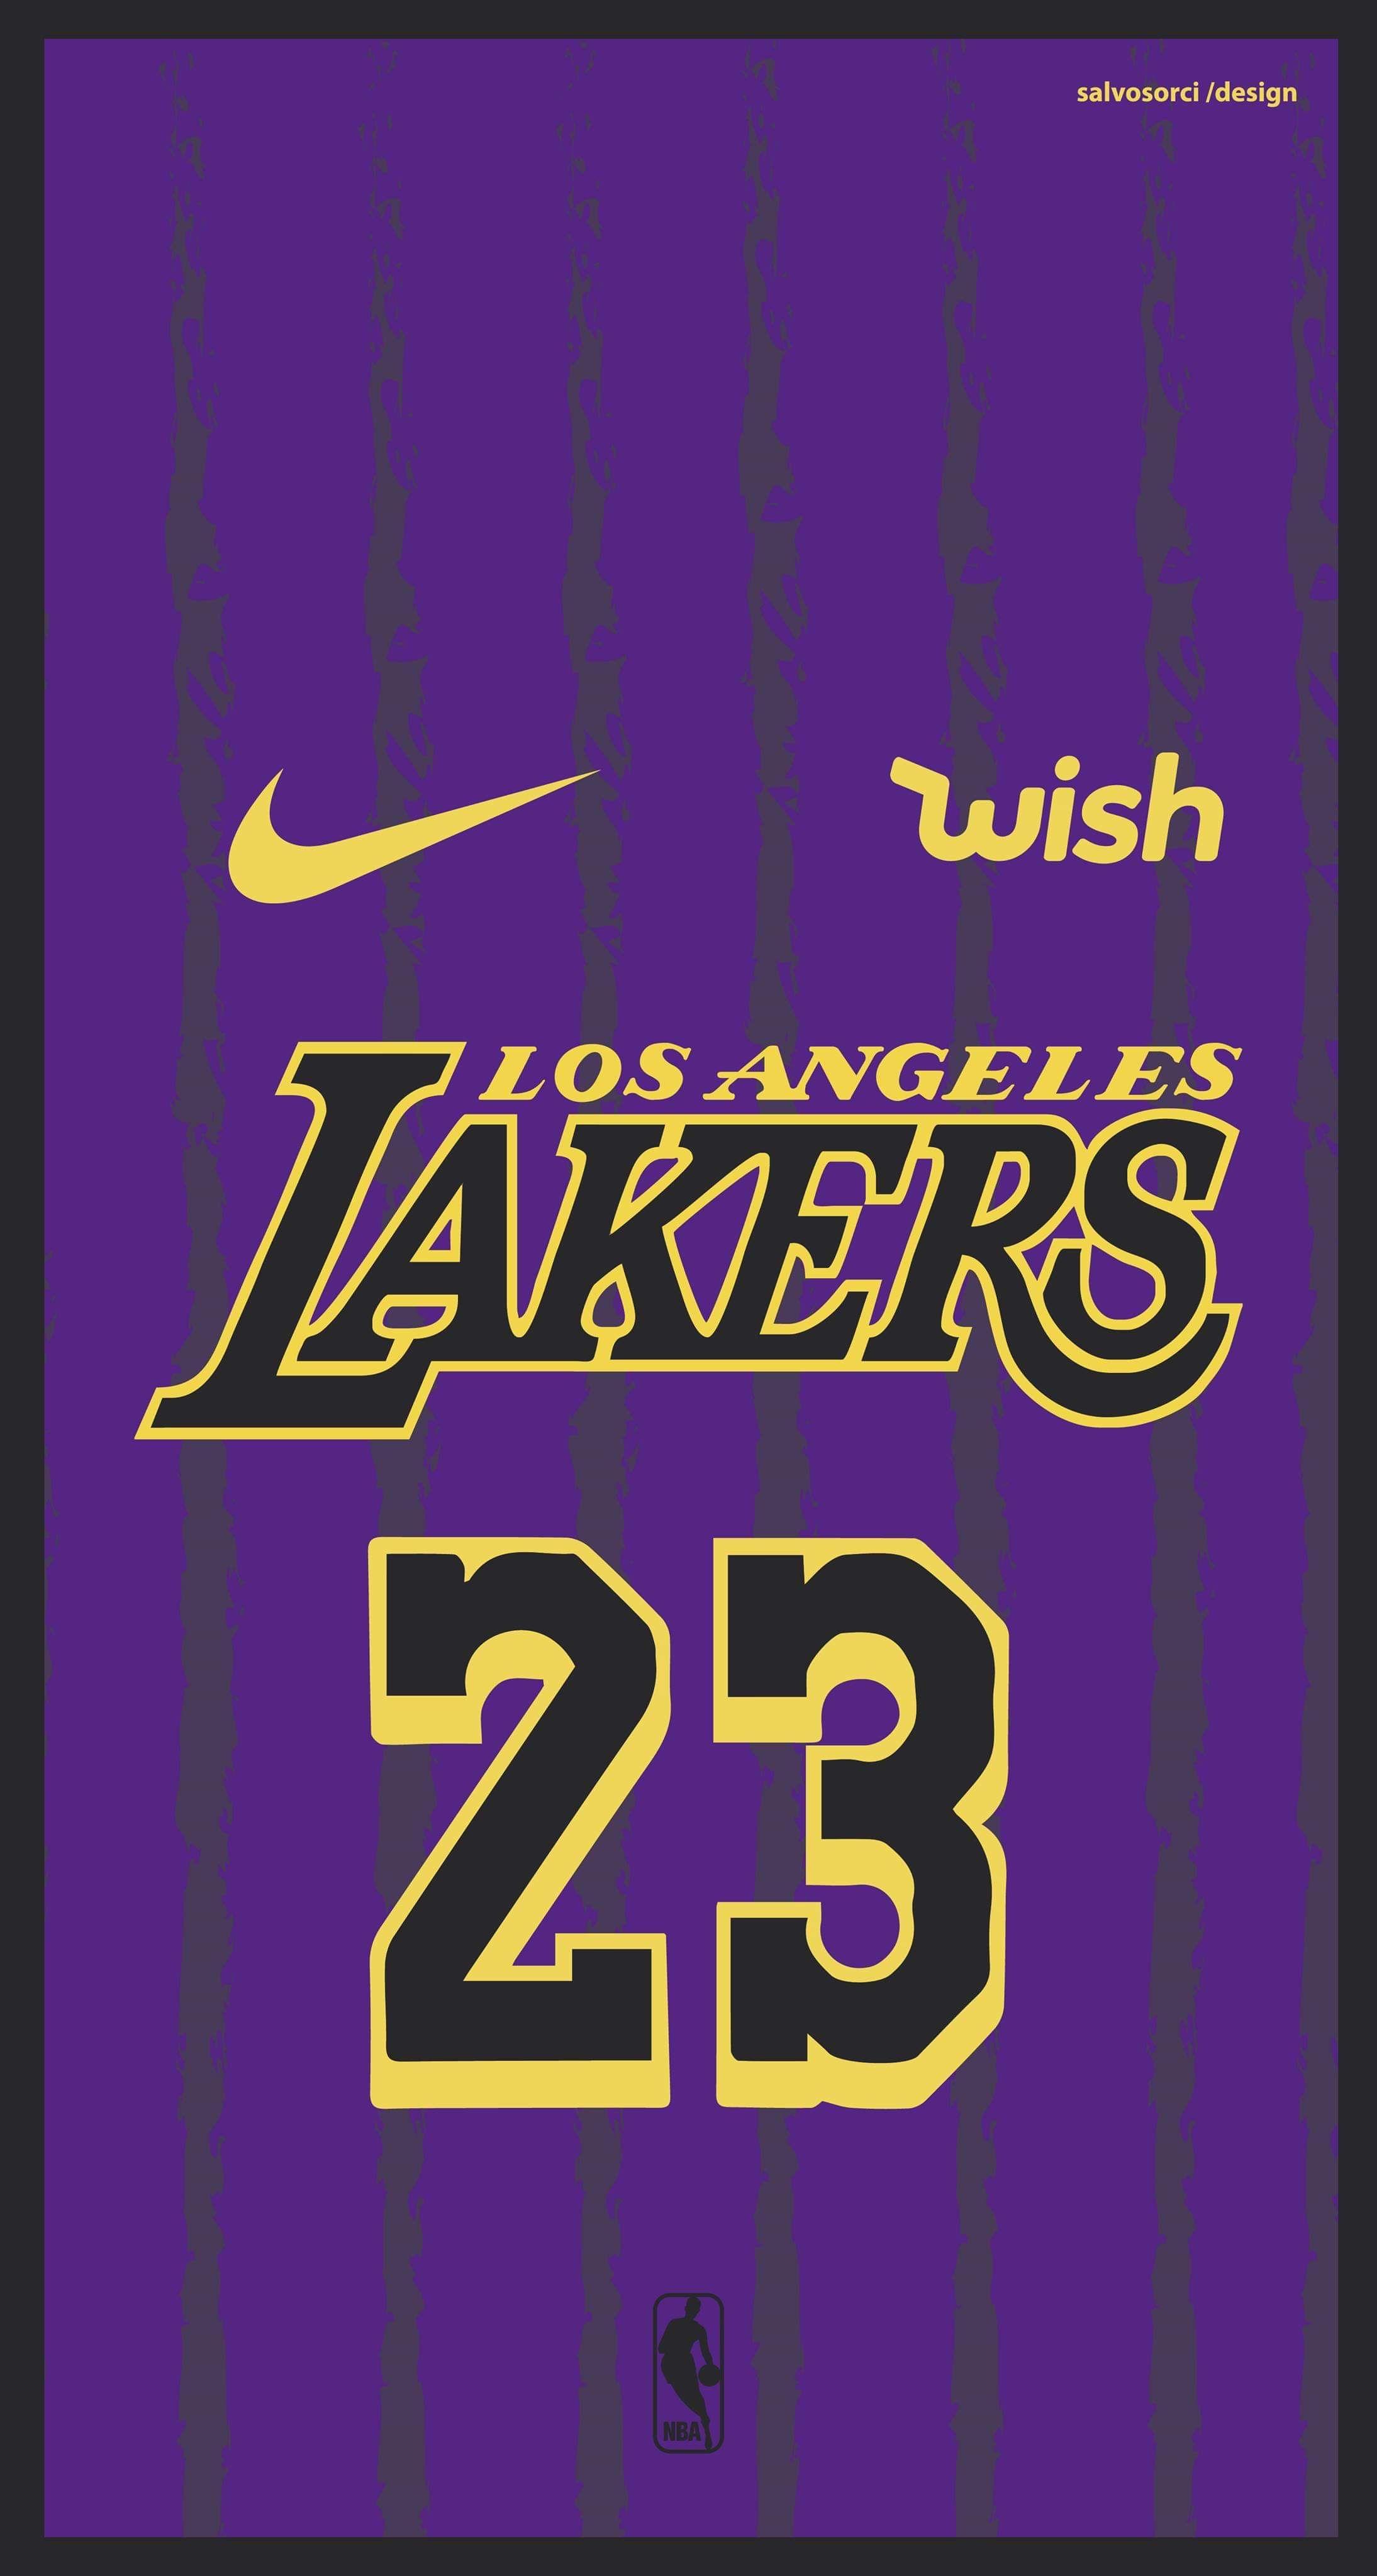 LOS ANGELES LAKERS NBA LeBron James